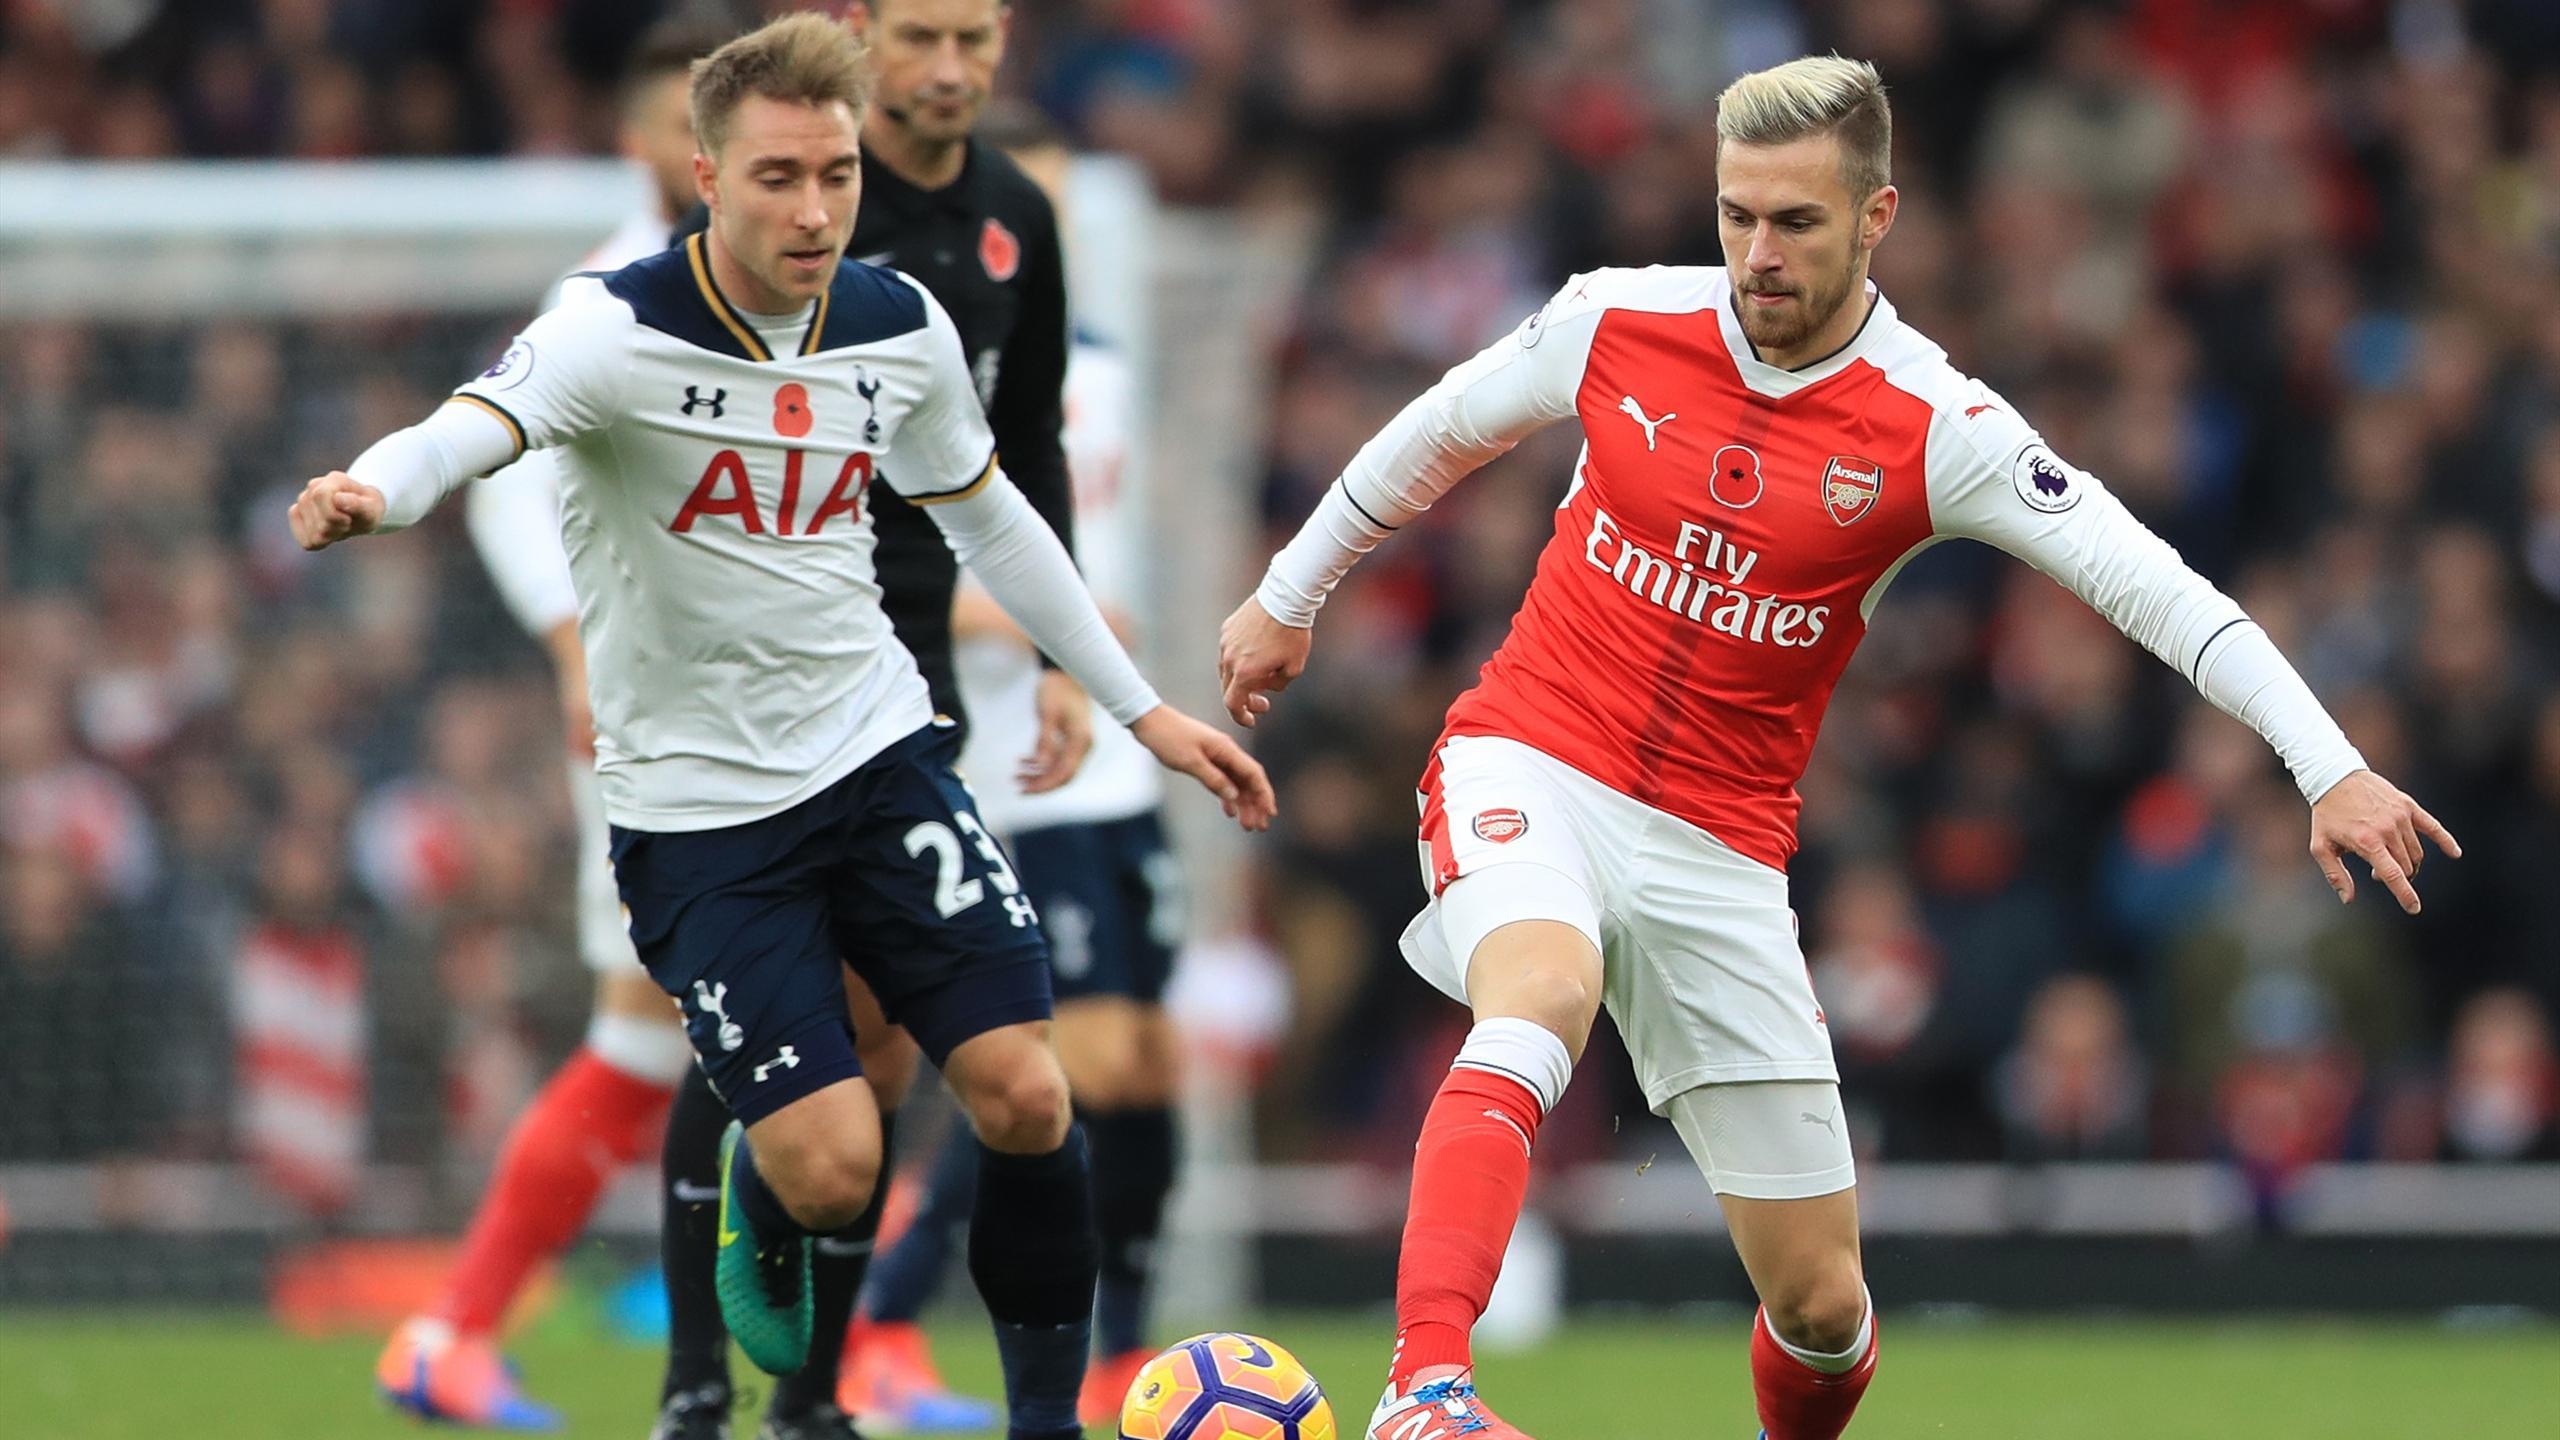 Tottenham Hotspur's Christian Eriksen (left) and Arsenal's Aaron Ramsey